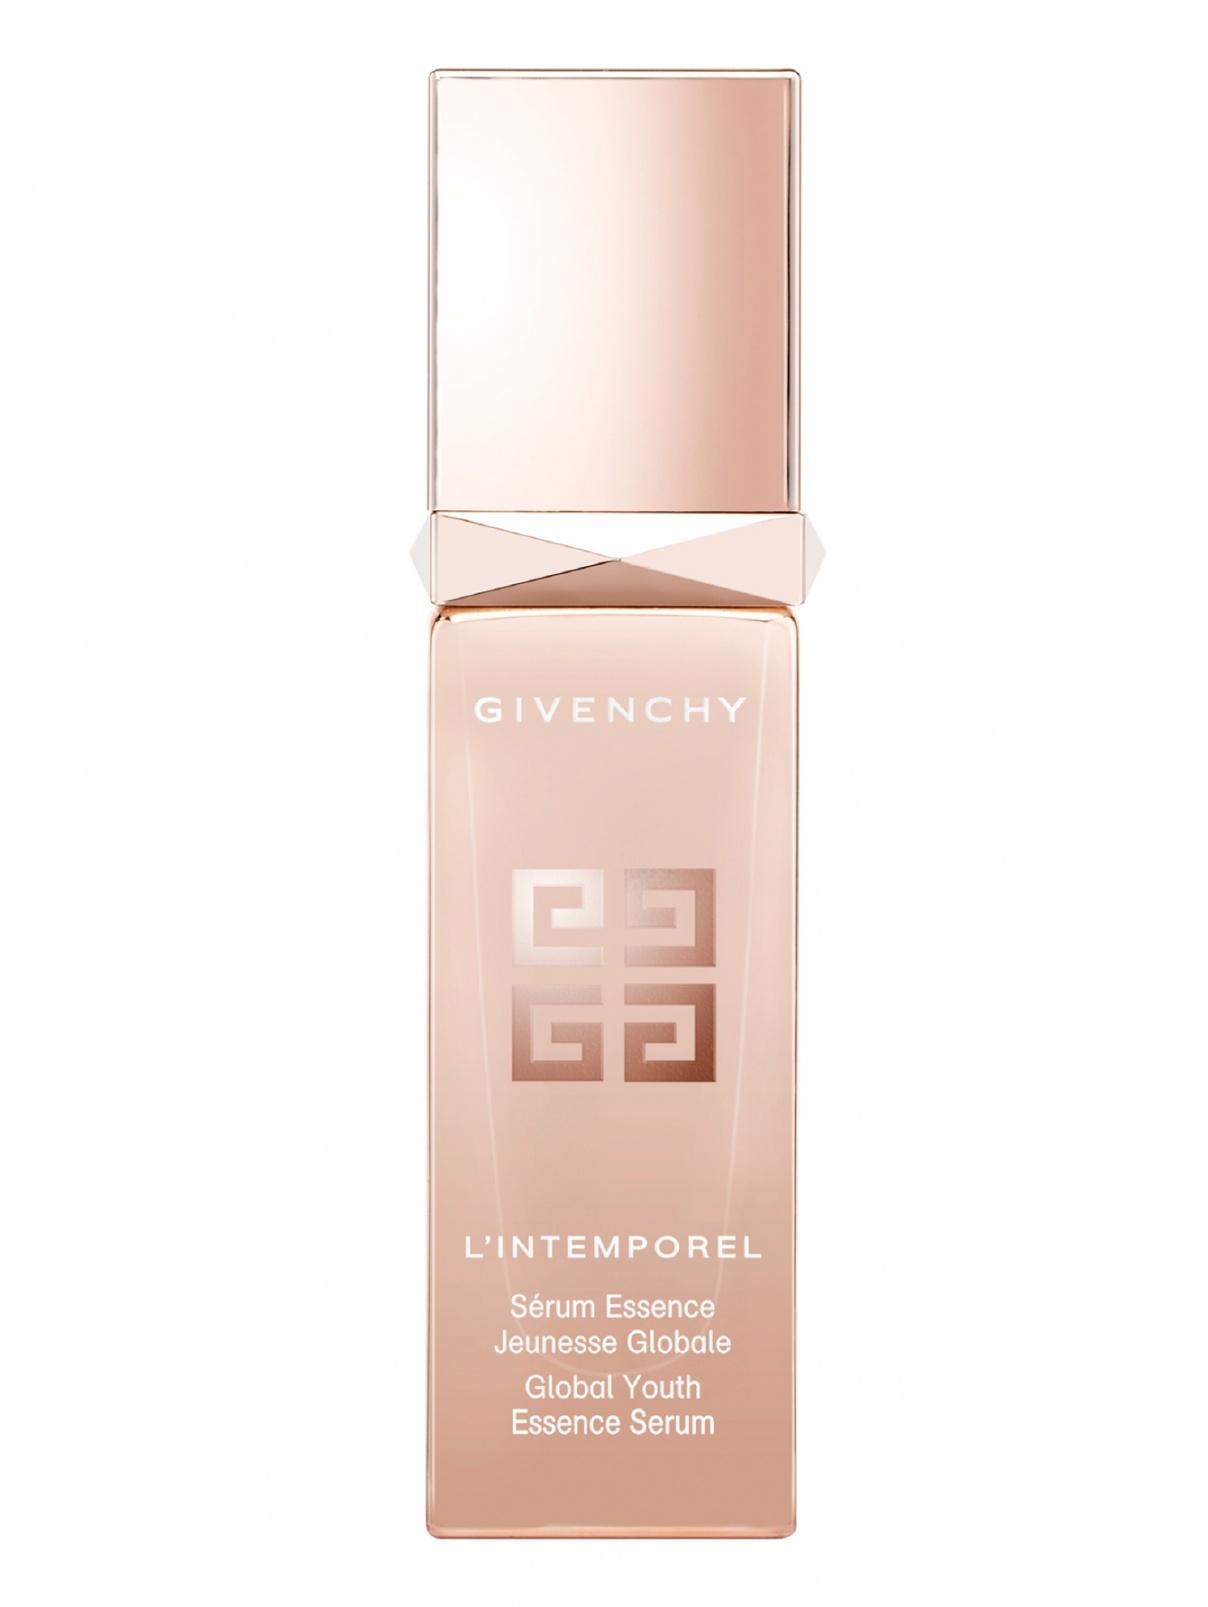 Сыворотка для лица против всех признаков старения кожи L'INTEMPOREL, 30 мл Givenchy  –  Общий вид